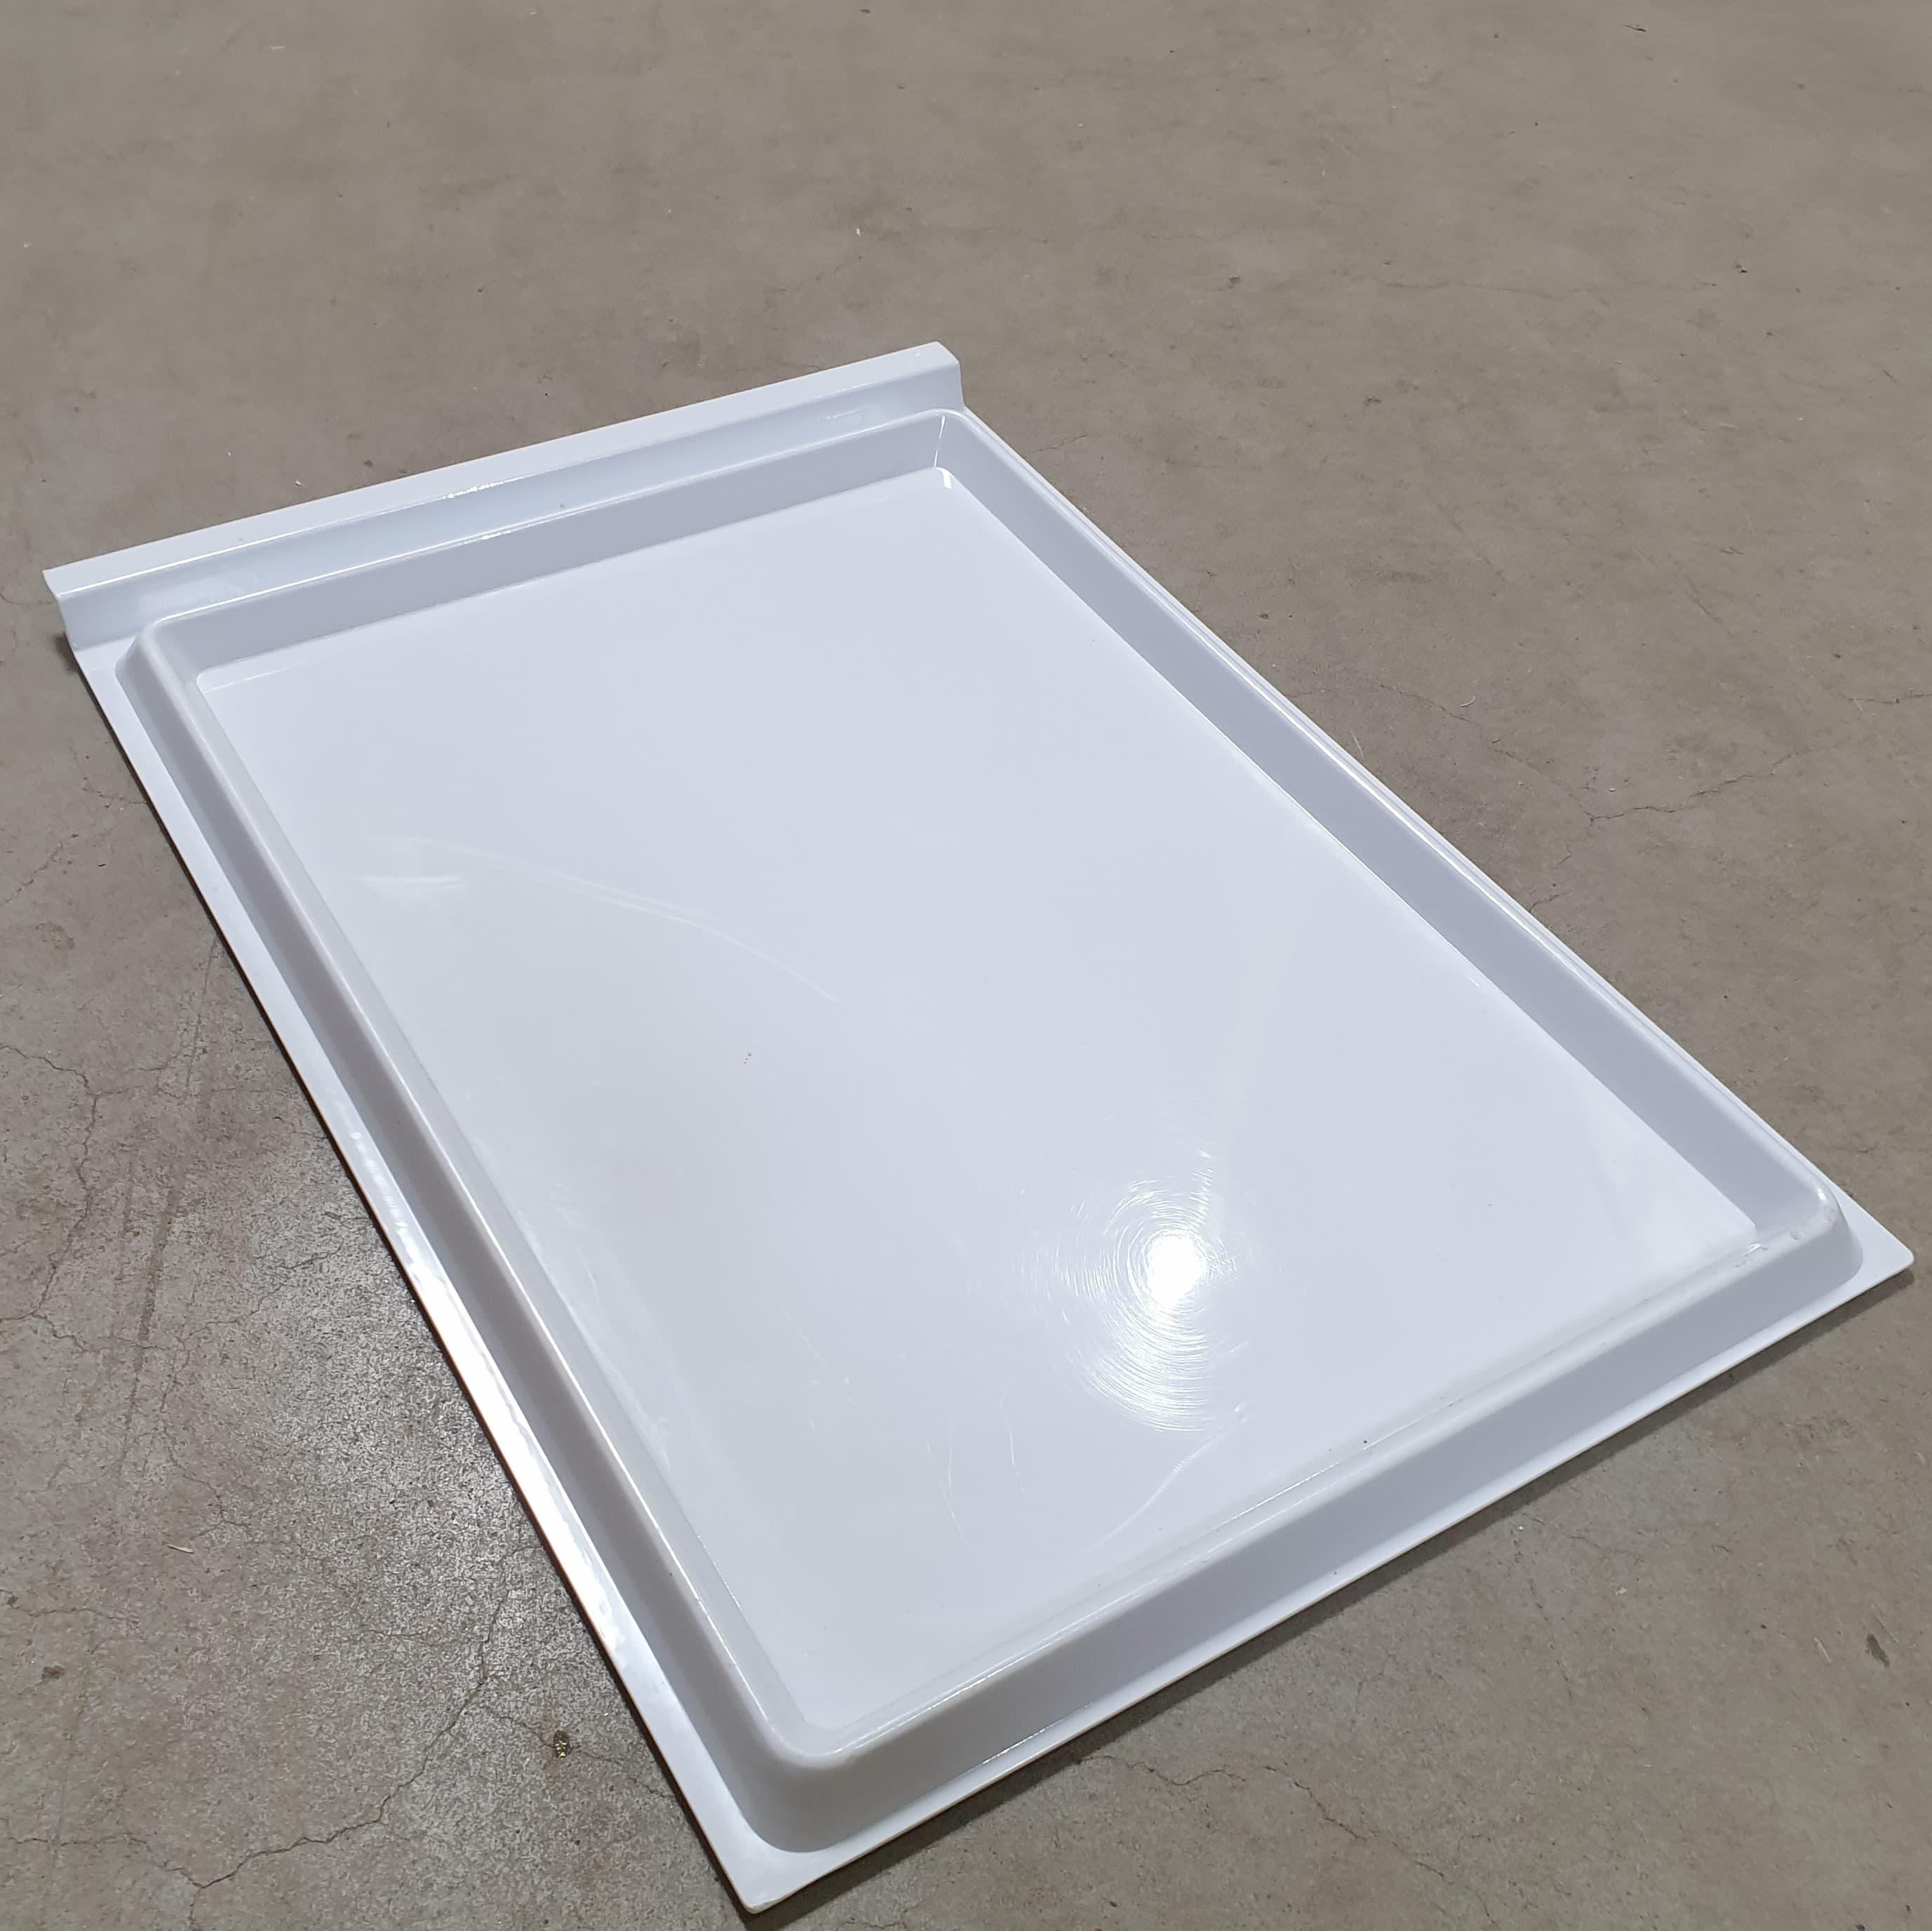 Varroauntersuchungswanne Kunststoff weiß, als Schieblade f. Gellerbeute 9 Waben Zander, Maße: 470 x 325 x 15 mm